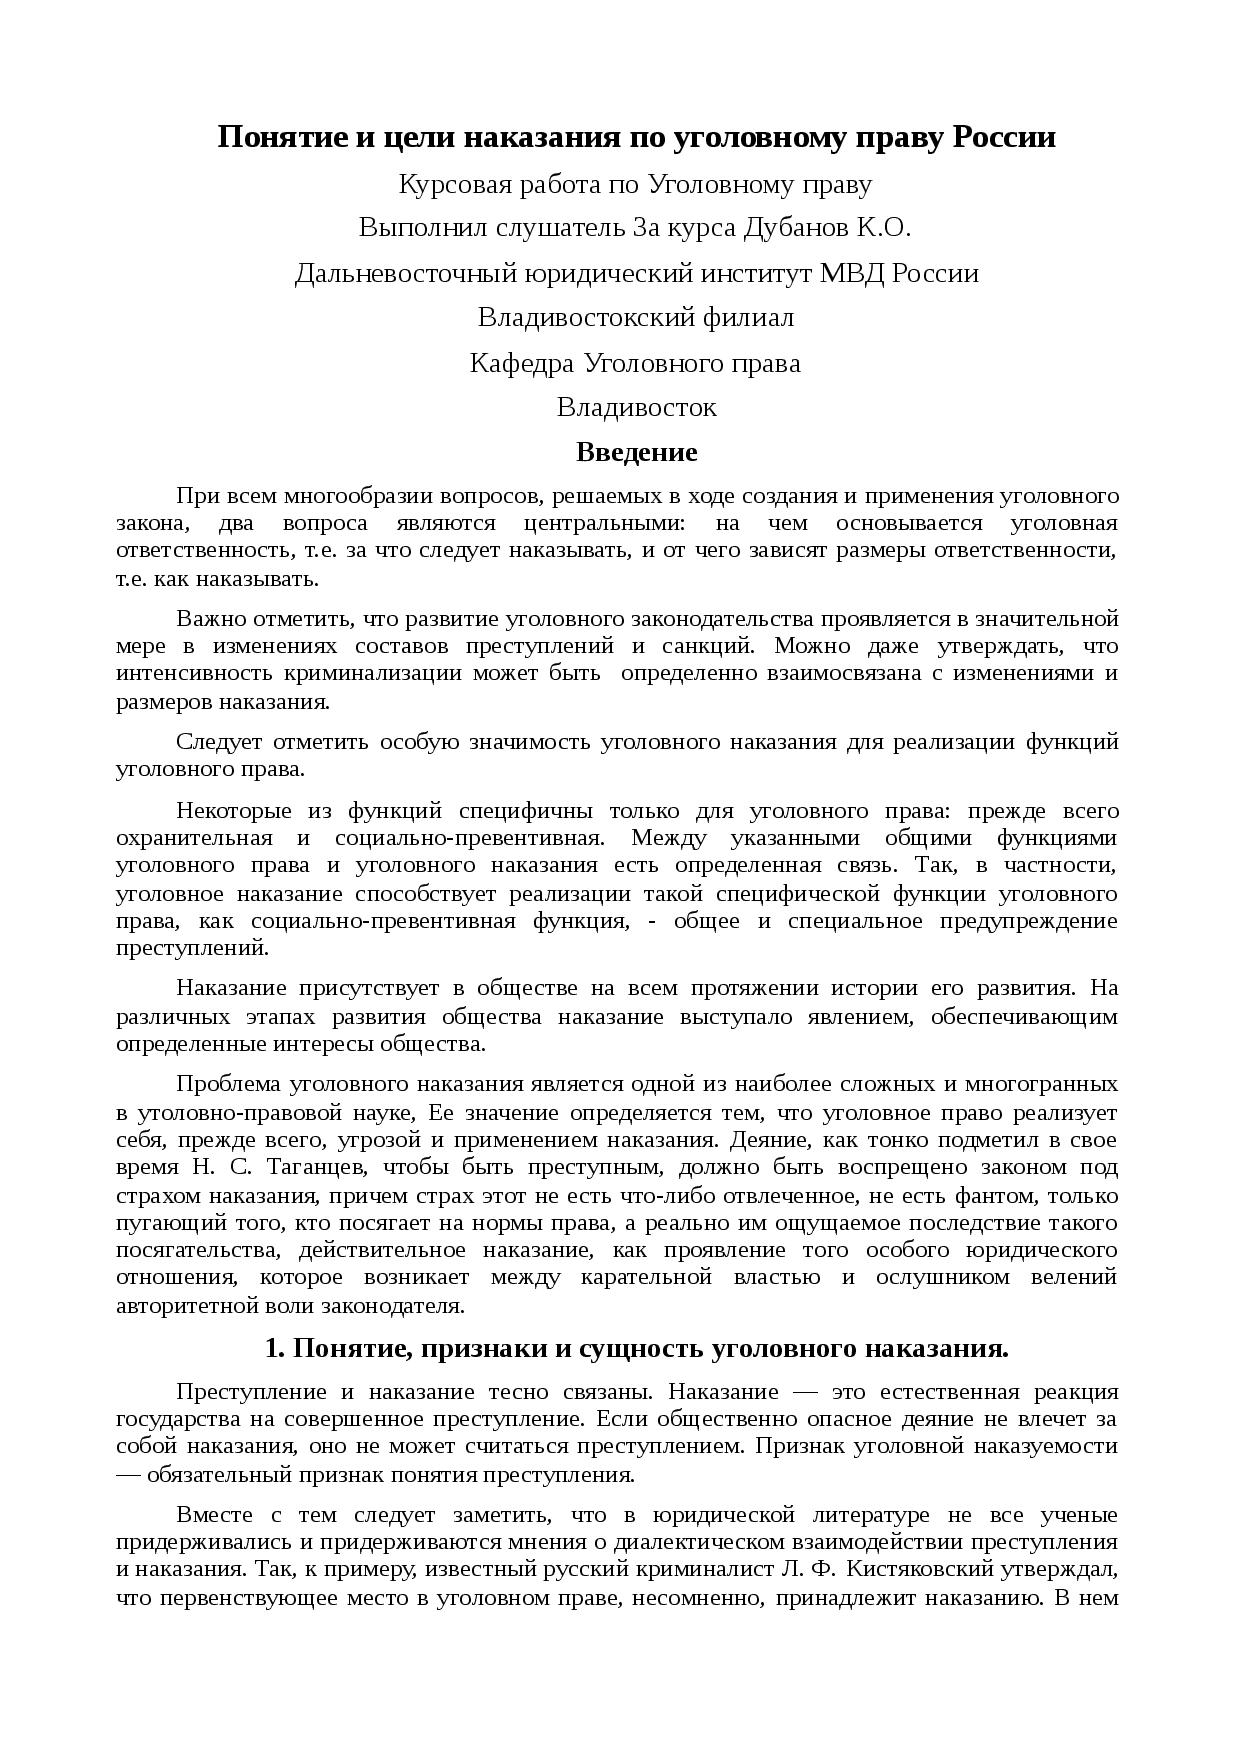 Виды уголовных наказаний: основание, срок, размер, порядок исполнения